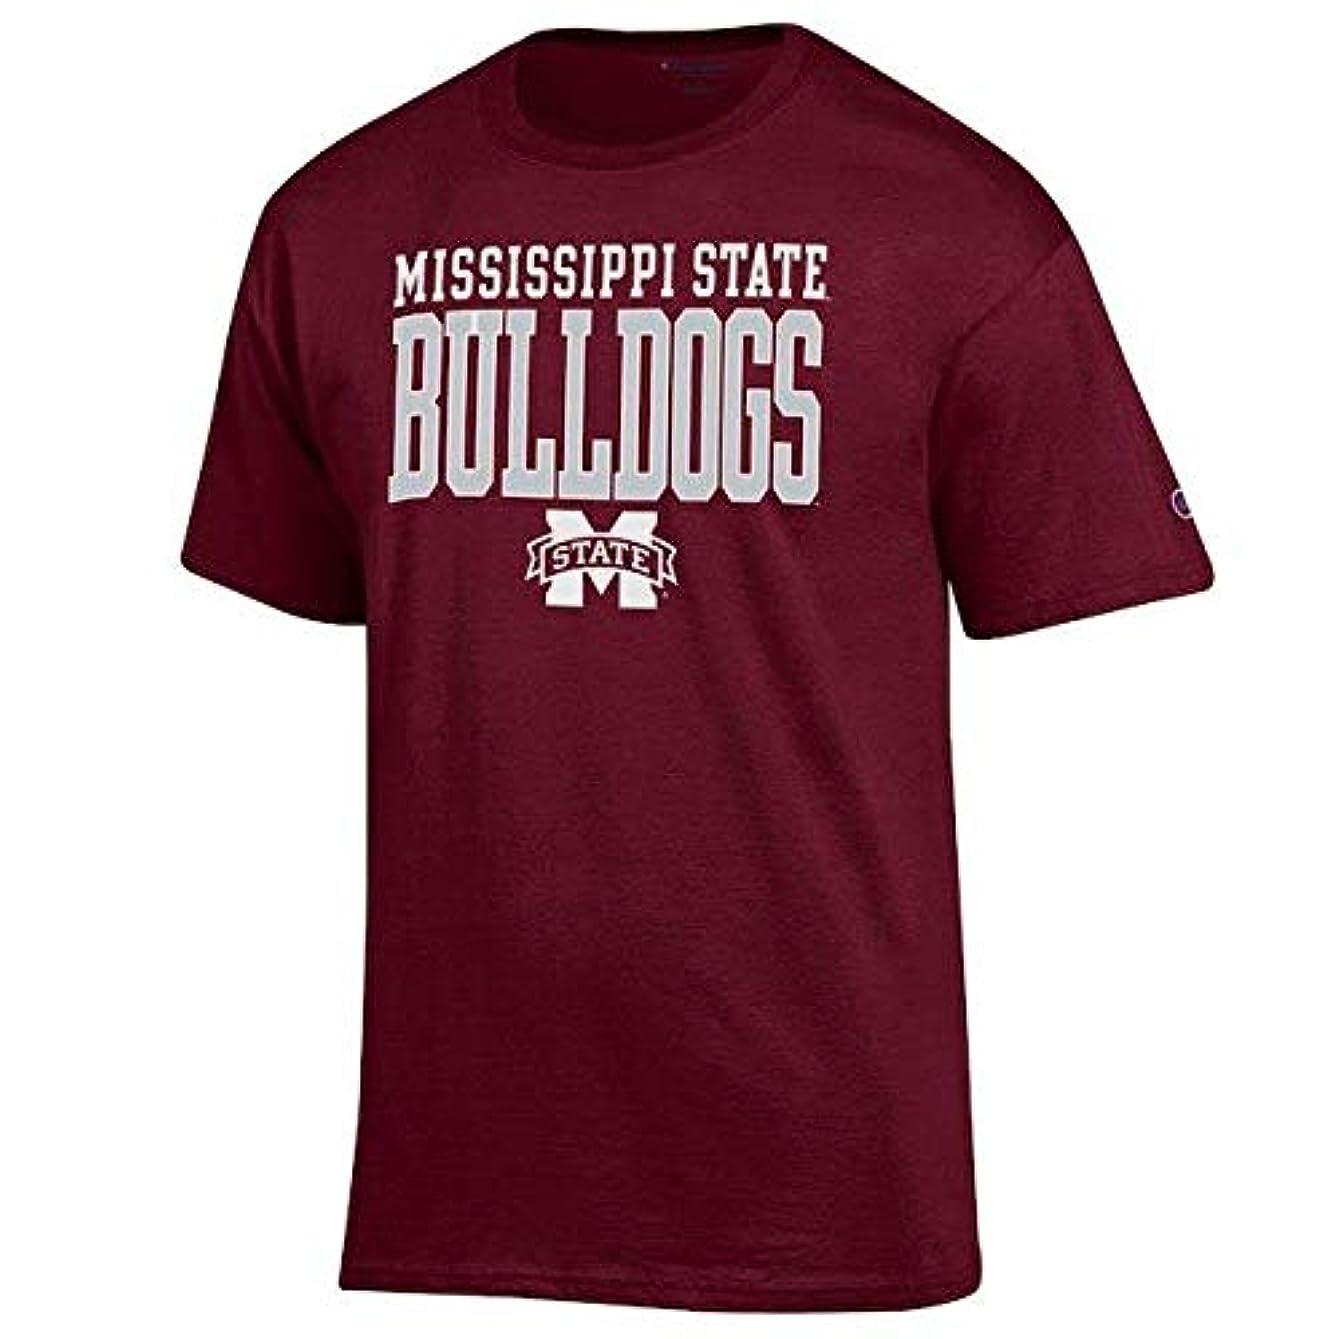 見る時刻表気難しいChampion Champion Mississippi State Bulldogs Maroon Core Mascot T-Shirt スポーツ用品 【並行輸入品】